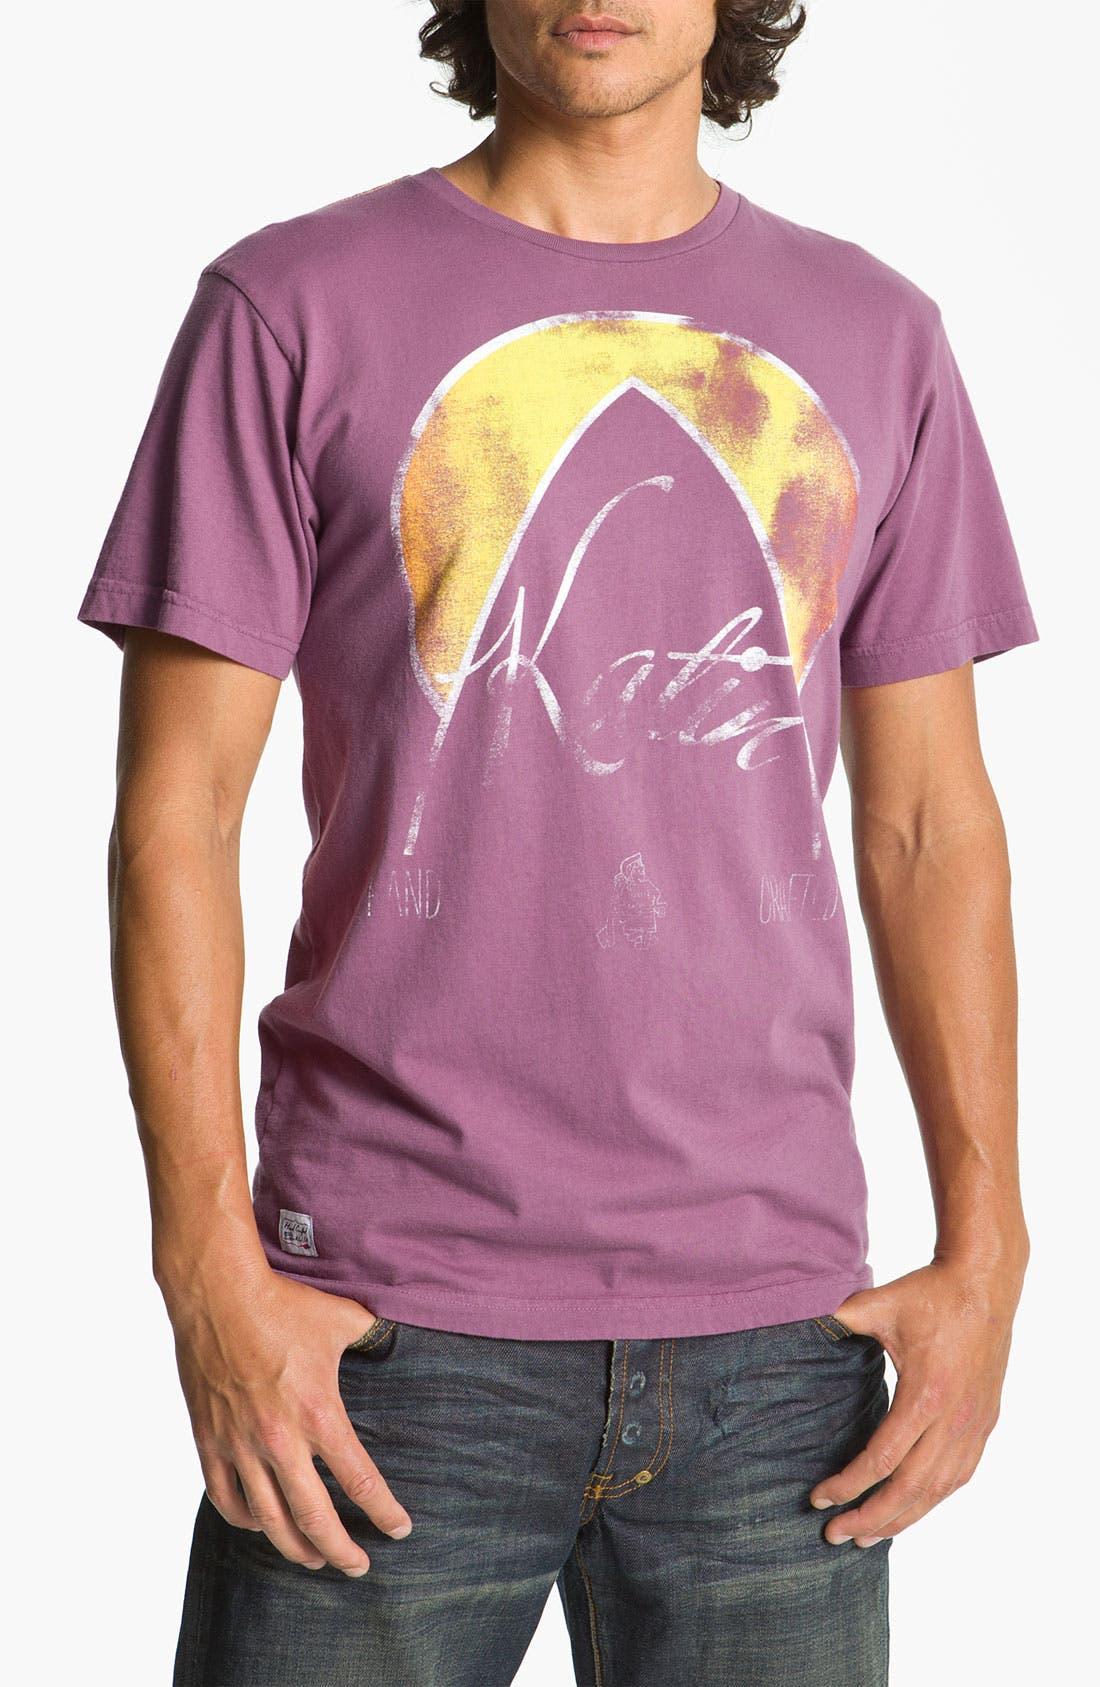 Main Image - Katin 'Nose' Graphic T-Shirt